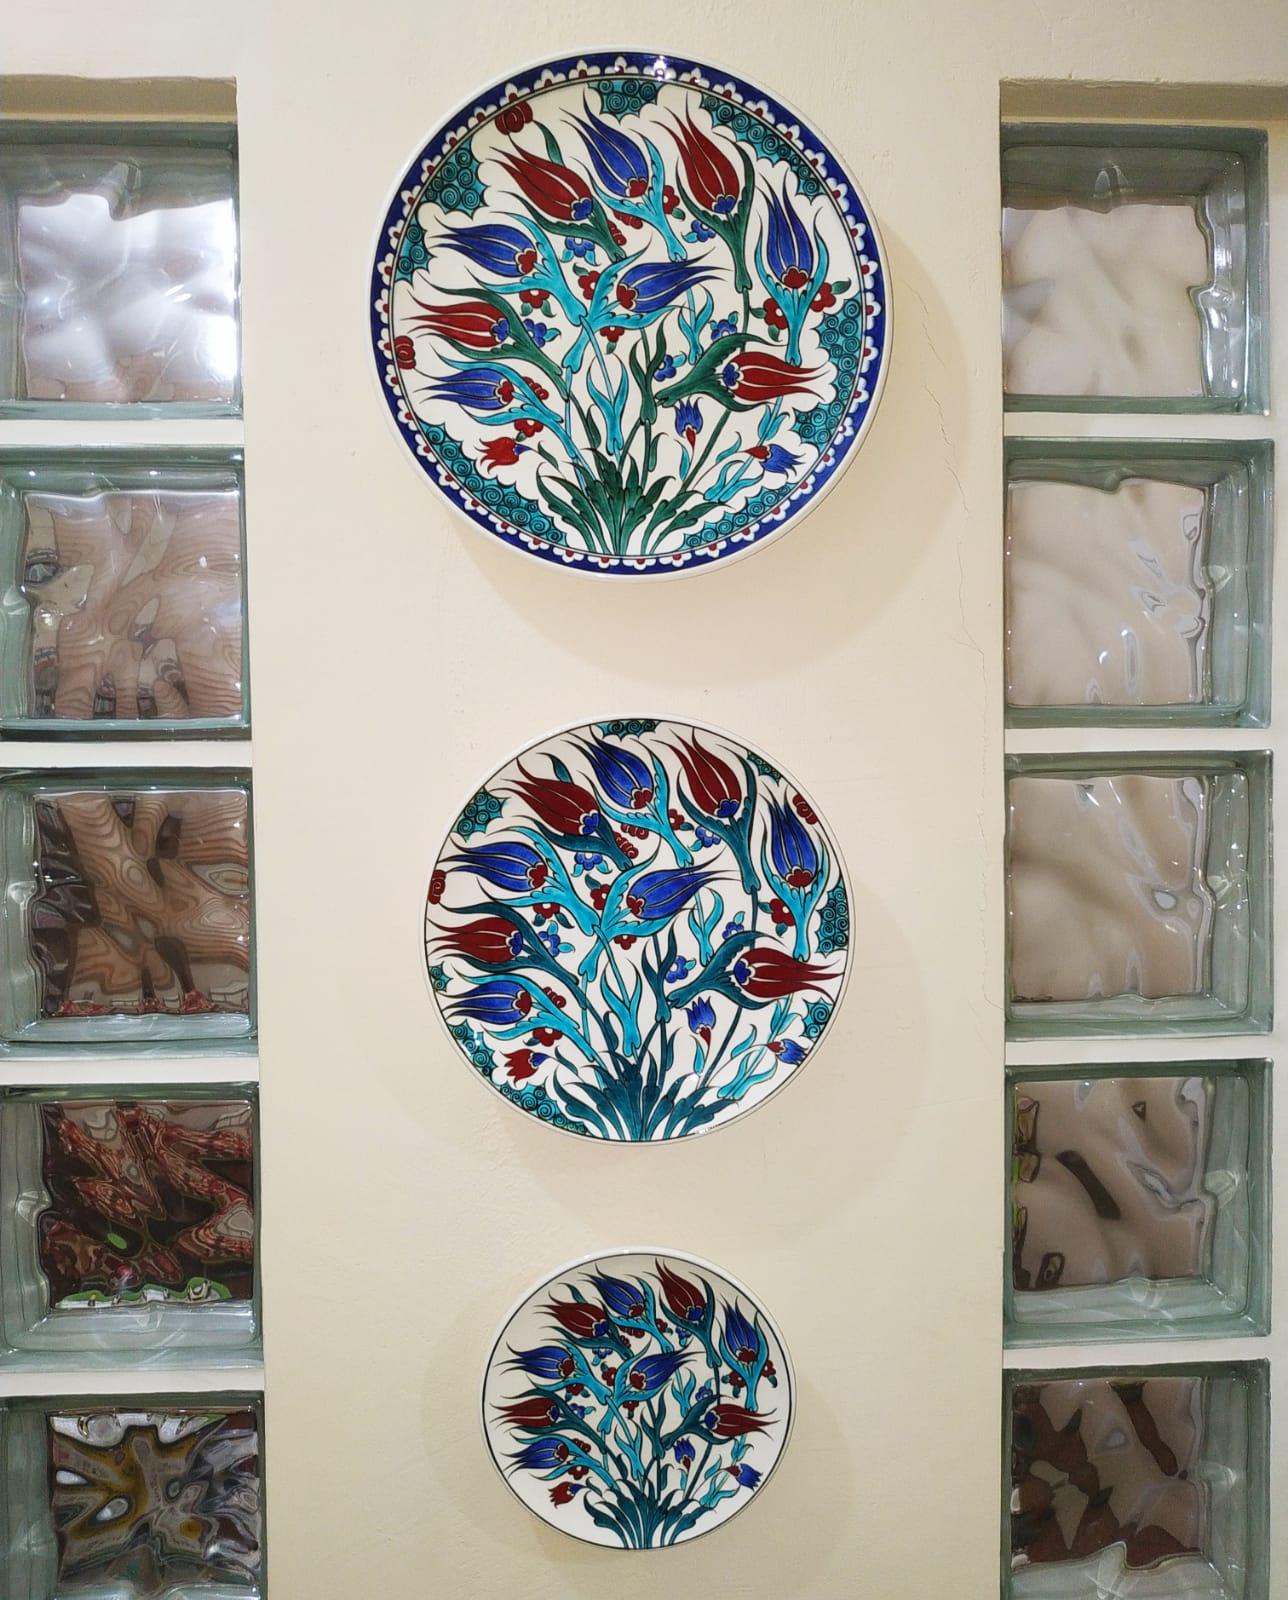 Çini duvar süslemeleri İznik Tarzı Koleksiyon Set dekoratif duvar süsleri Üçlü  tabak seti